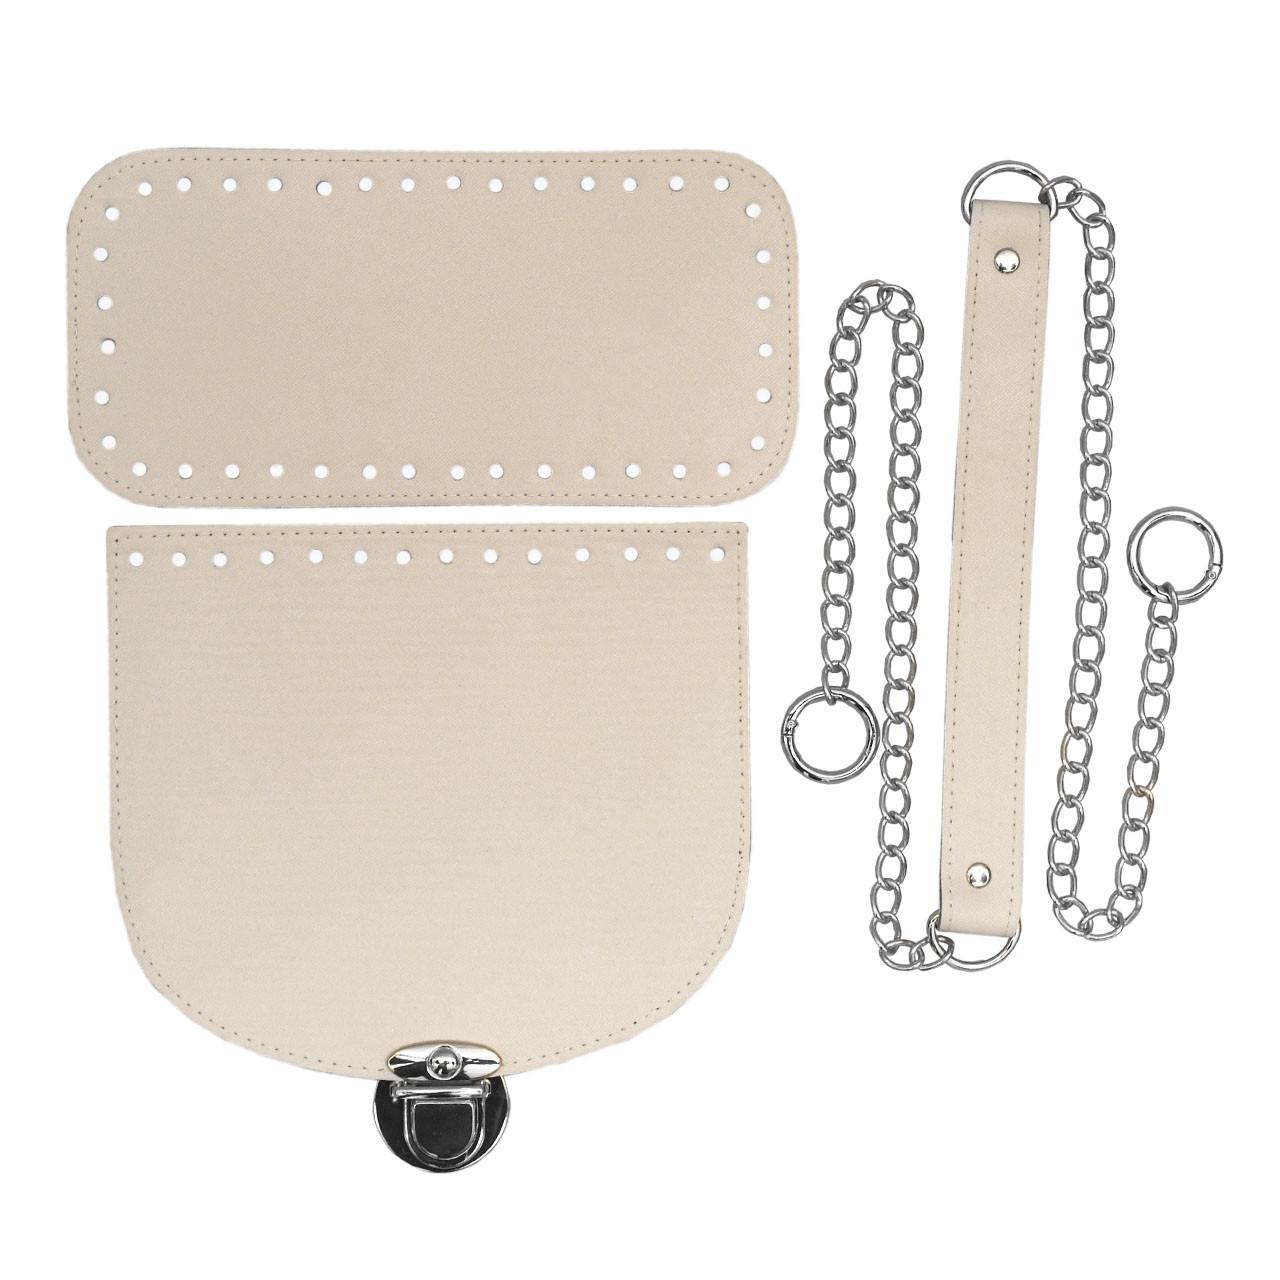 Набор для сумки экокожа Молочный (4 позиции) на цепочке с кольцами-карабинами фурнитура серебро